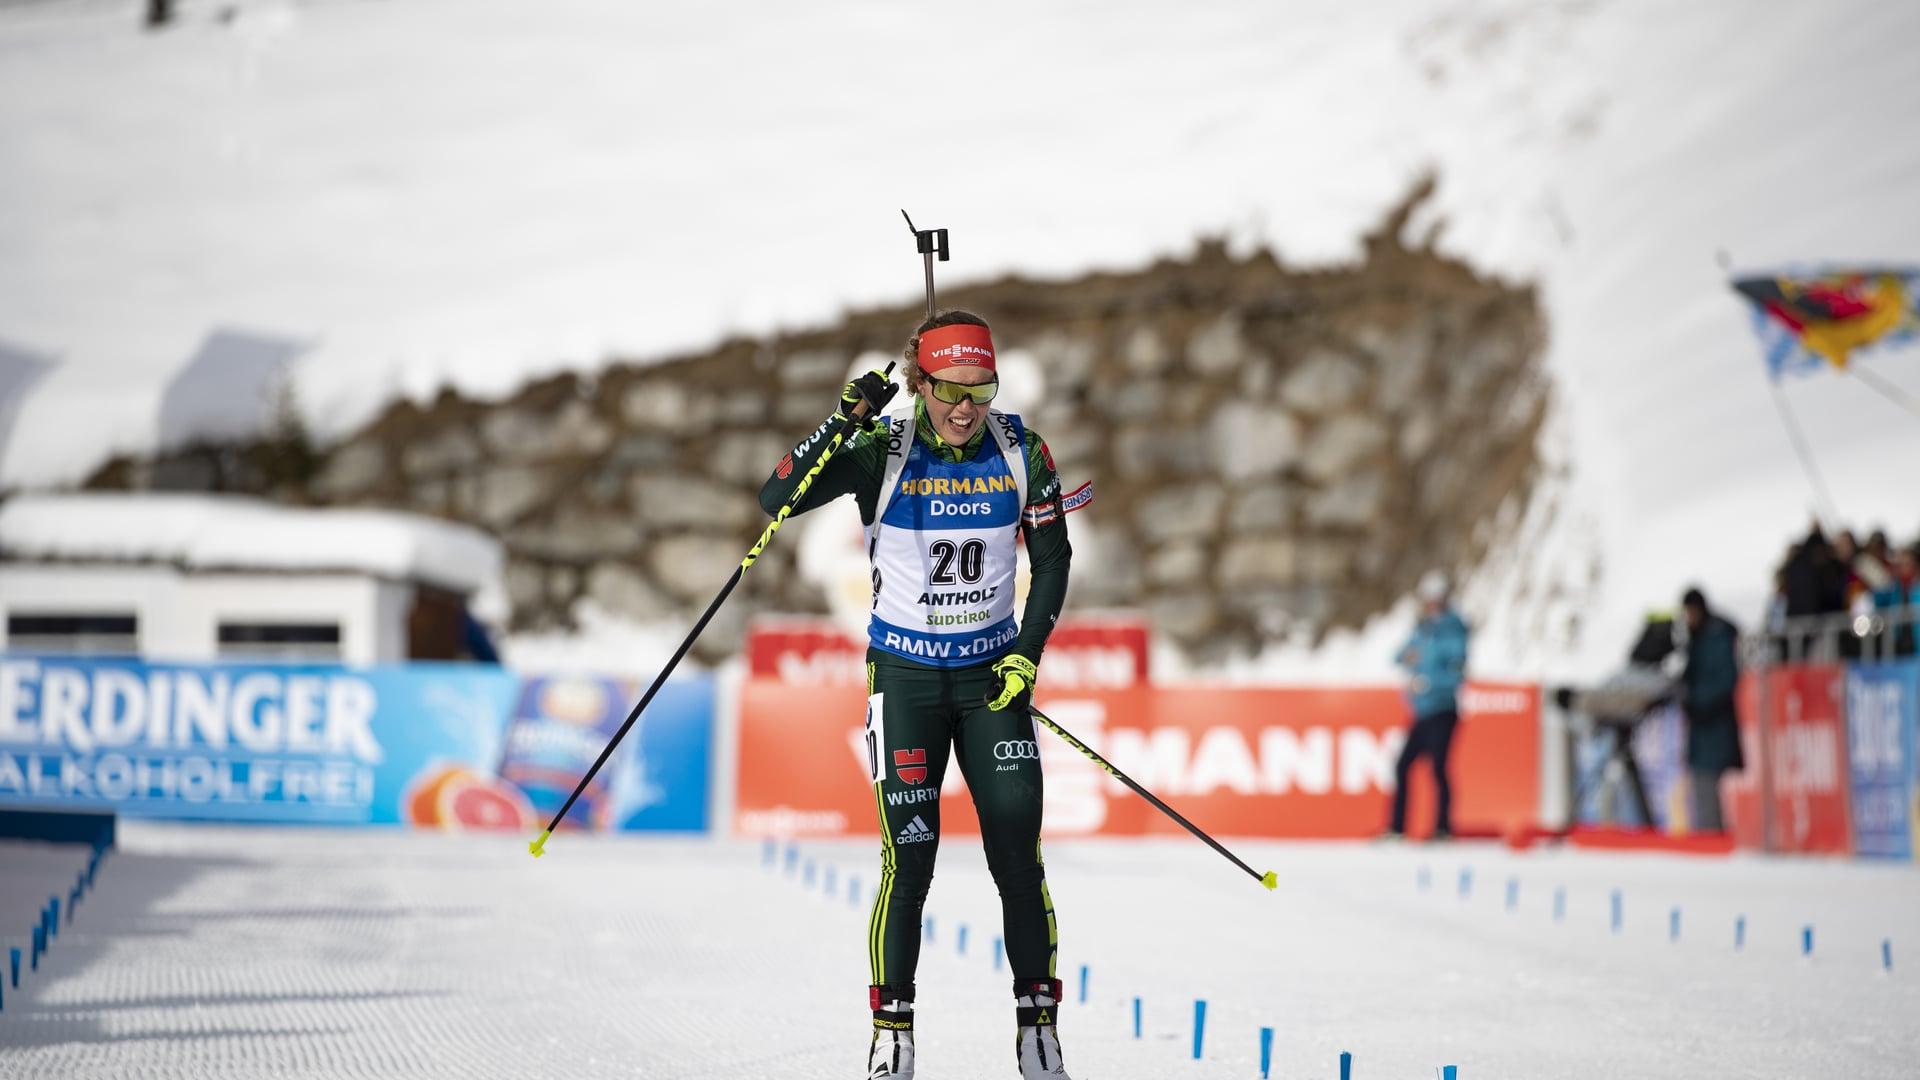 27.01.2019 - Laura Dahlmeier wins mass start in Anterselva